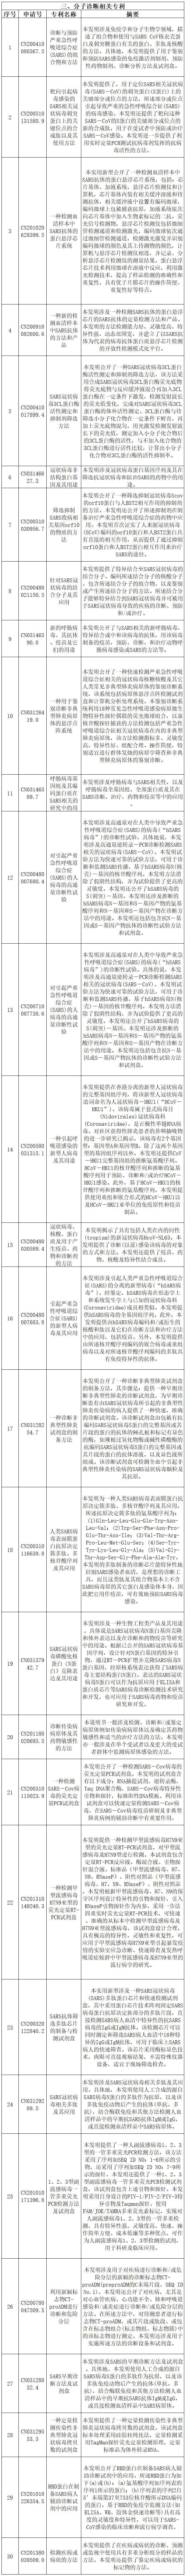 抗击新型冠状病毒肺炎专利资源遴选(六)--诊断/检测专利